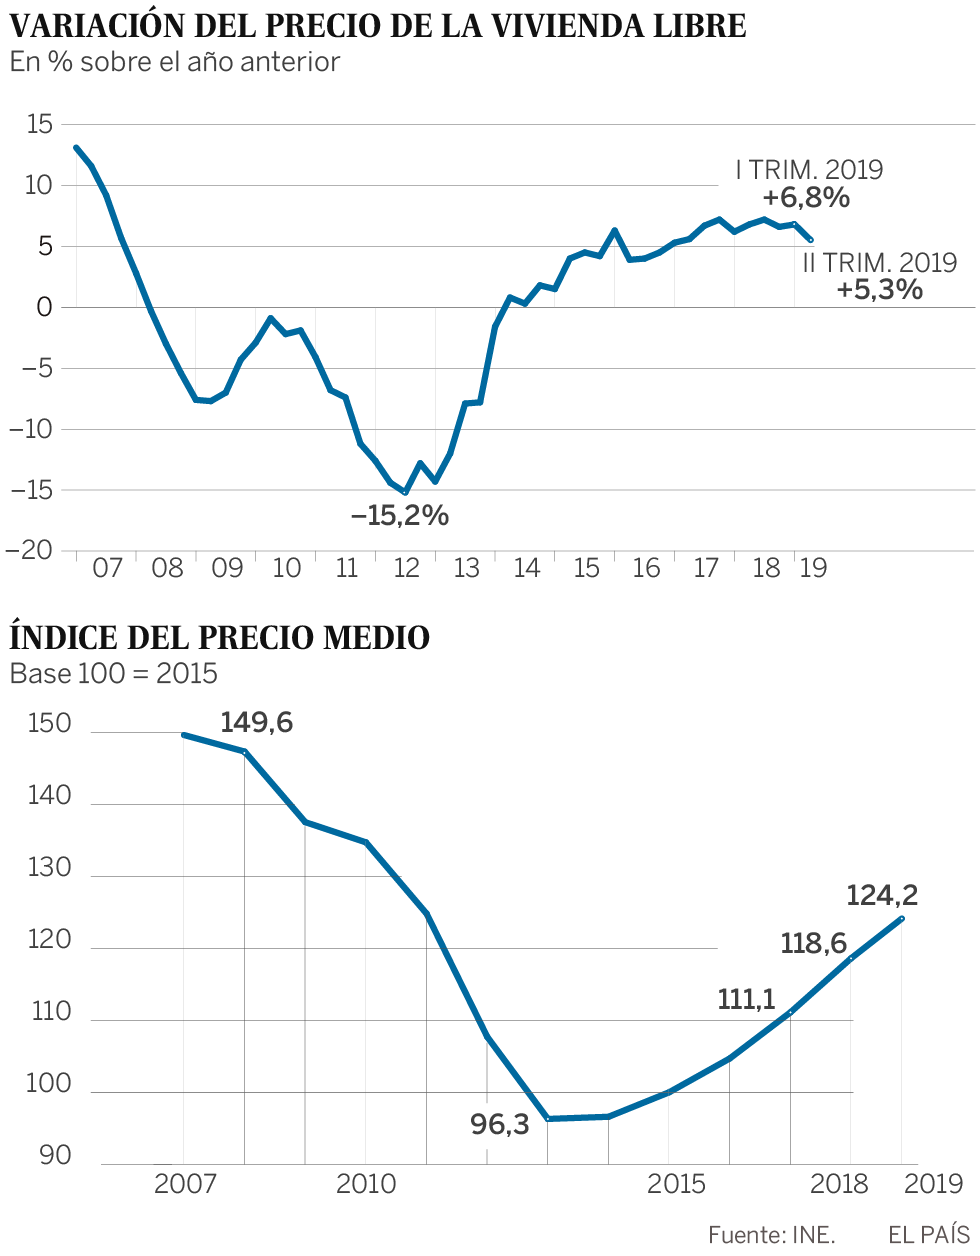 El precio de la vivienda libre se modera en el segundo trimestre